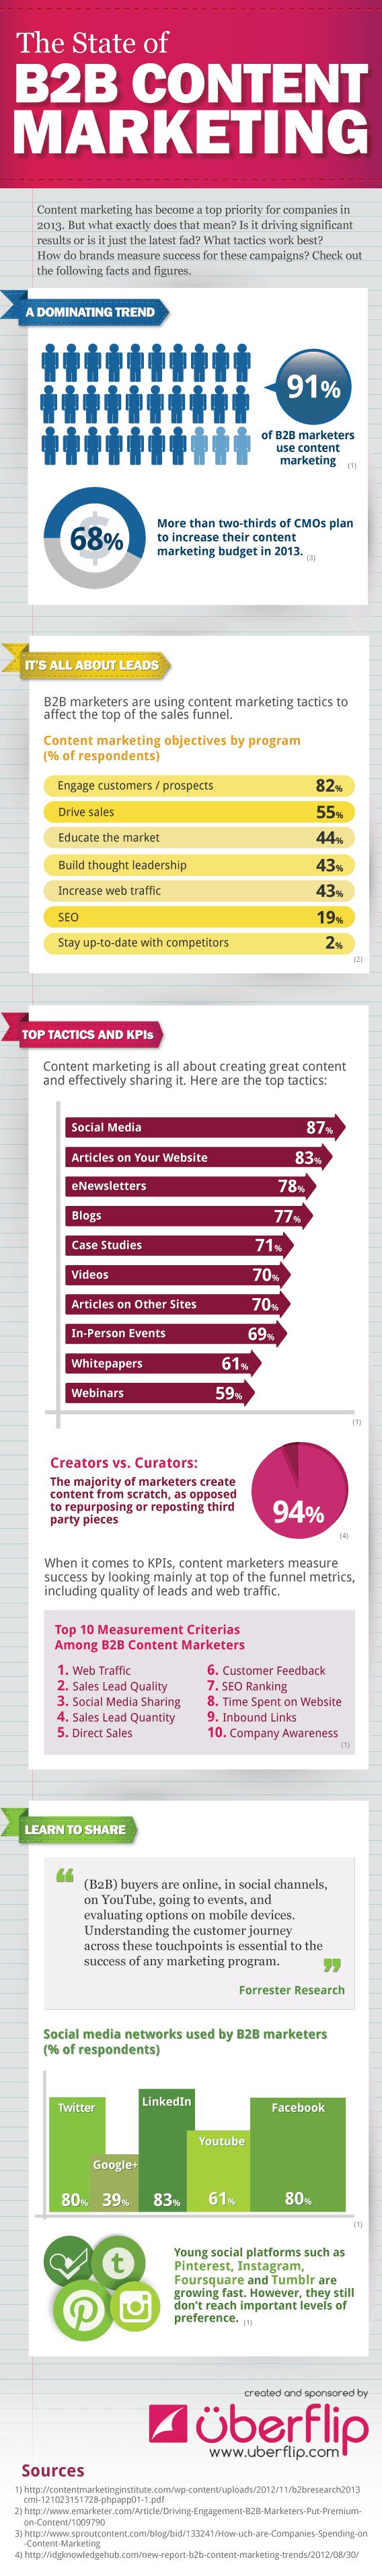 infographic_uberflip_b2b_contentmarketing